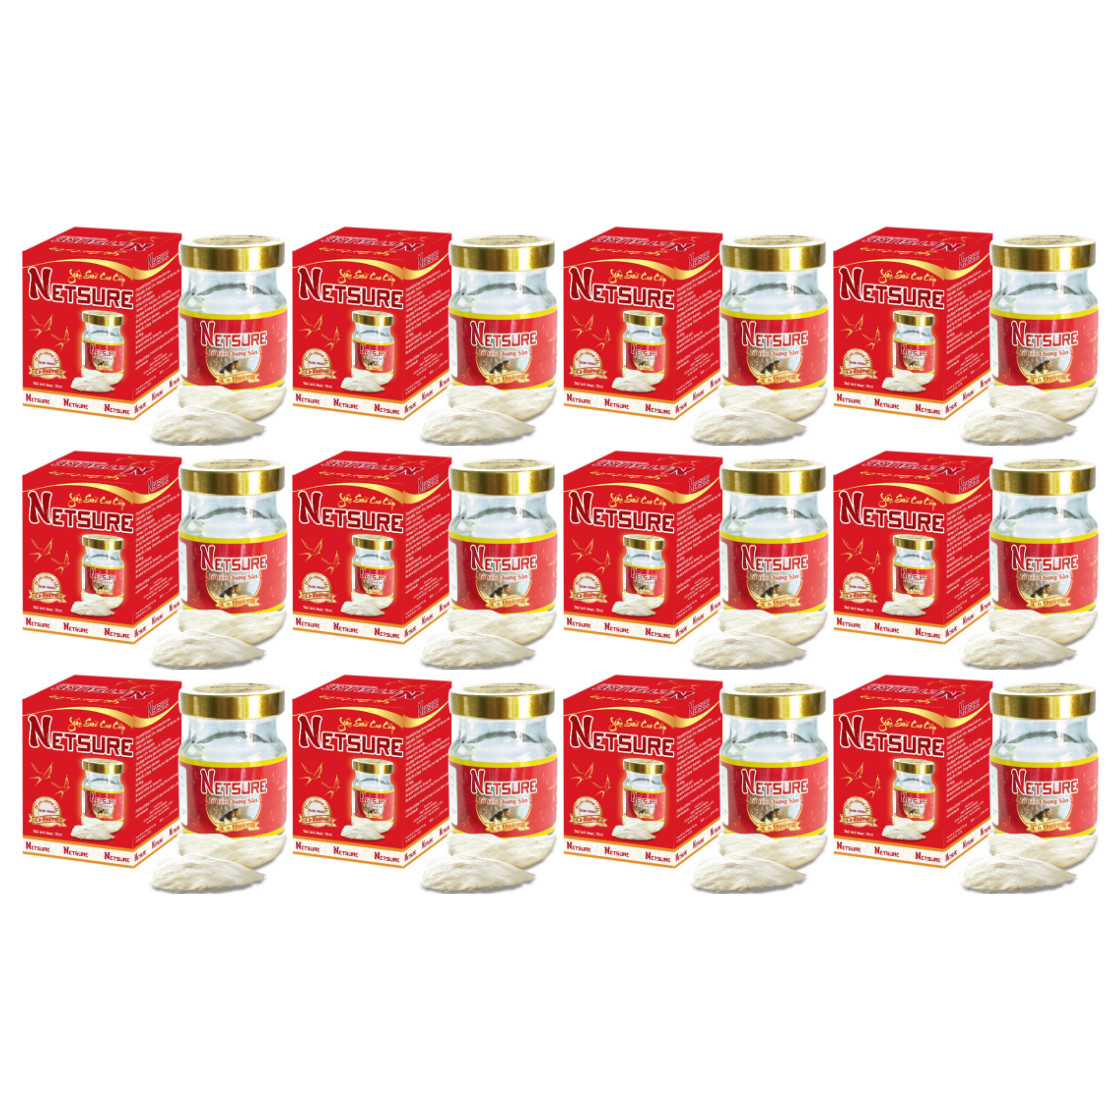 Yến Lọ cao cấp Netsure có đường bổ sung dinh dưỡng (15% Yến, 70ml/lọ) - 16045847 , 9435778678082 , 62_21313789 , 498000 , Yen-Lo-cao-cap-Netsure-co-duong-bo-sung-dinh-duong-15Phan-Tram-Yen-70ml-lo-62_21313789 , tiki.vn , Yến Lọ cao cấp Netsure có đường bổ sung dinh dưỡng (15% Yến, 70ml/lọ)